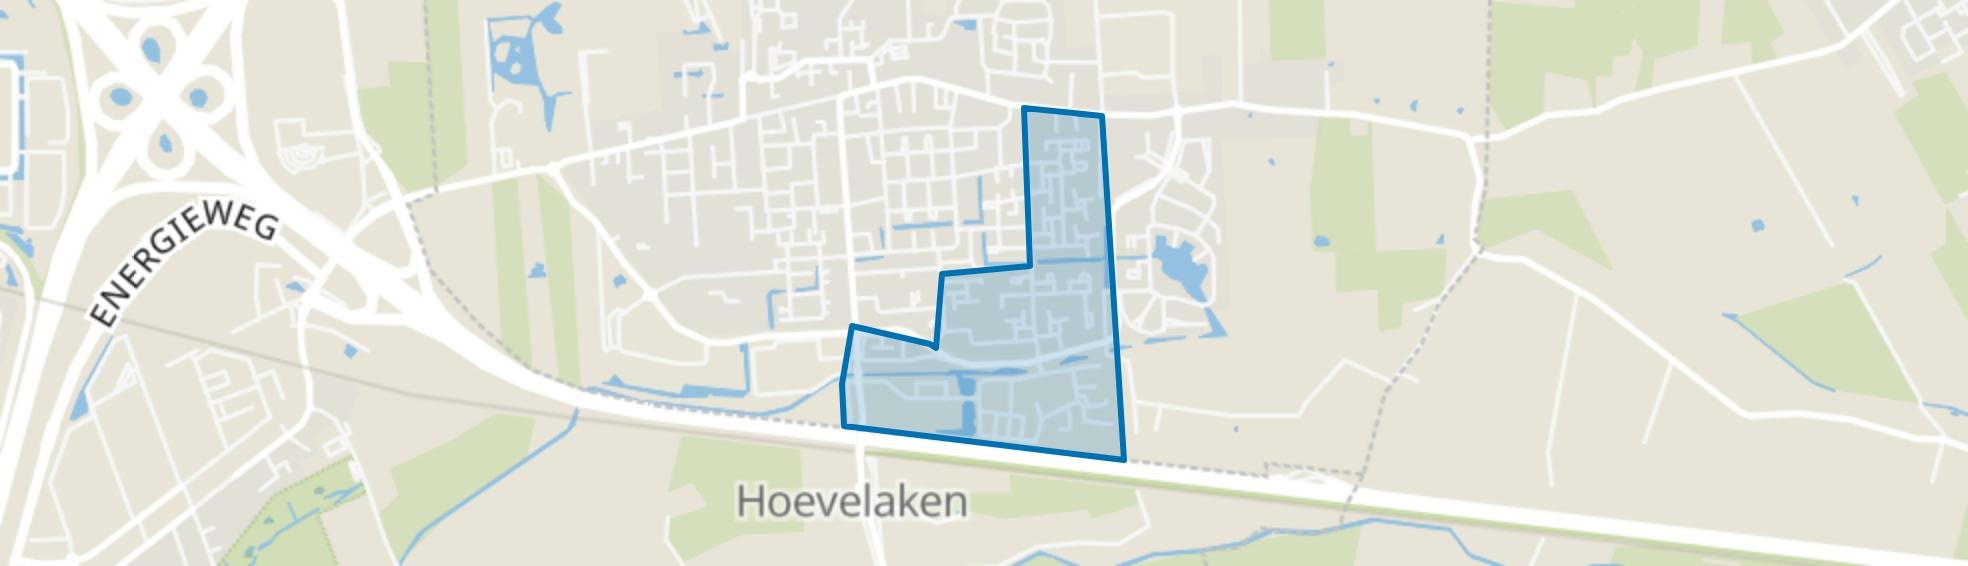 Hoevelaken-Oranjebuurt-Horstbeek, Hoevelaken map